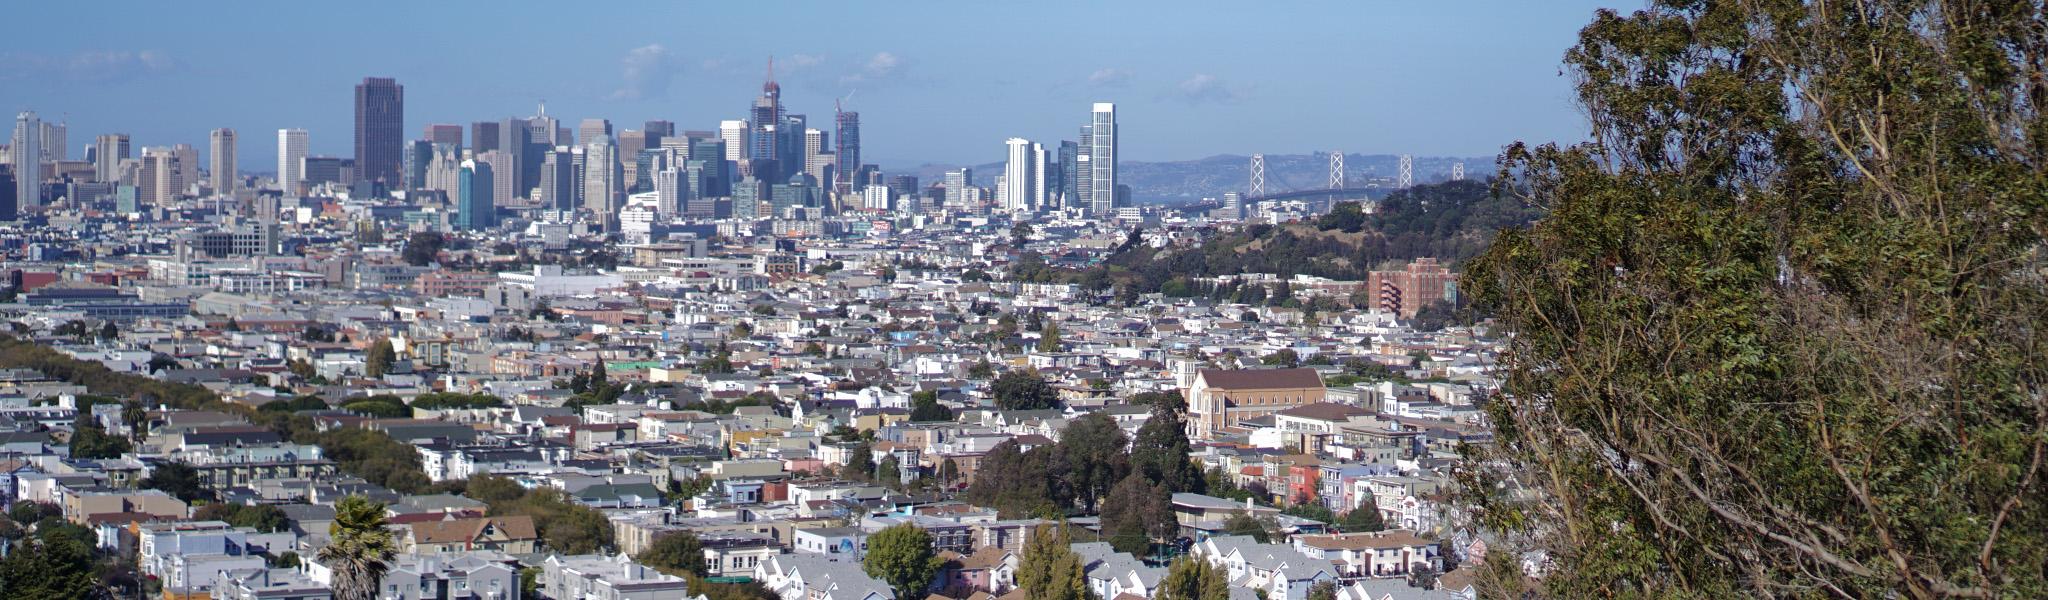 Oakland & San Francisco Green City Guide